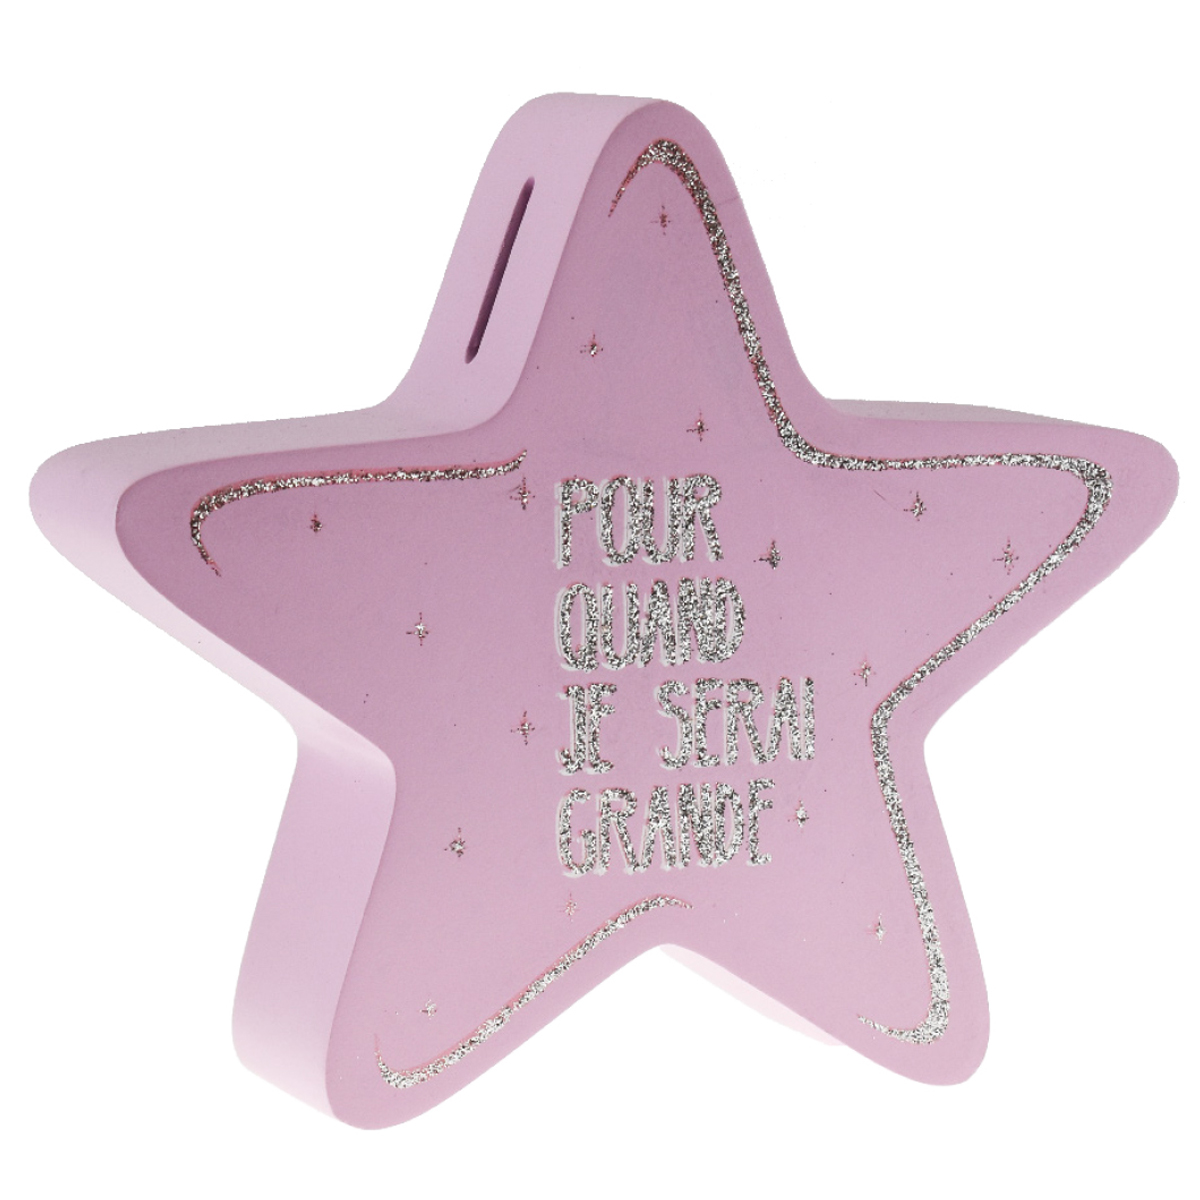 Tirelire bois \'Messages\' rose (pour quand je serai grande) - 18x16x5 cm  (étoile) - [R0491]